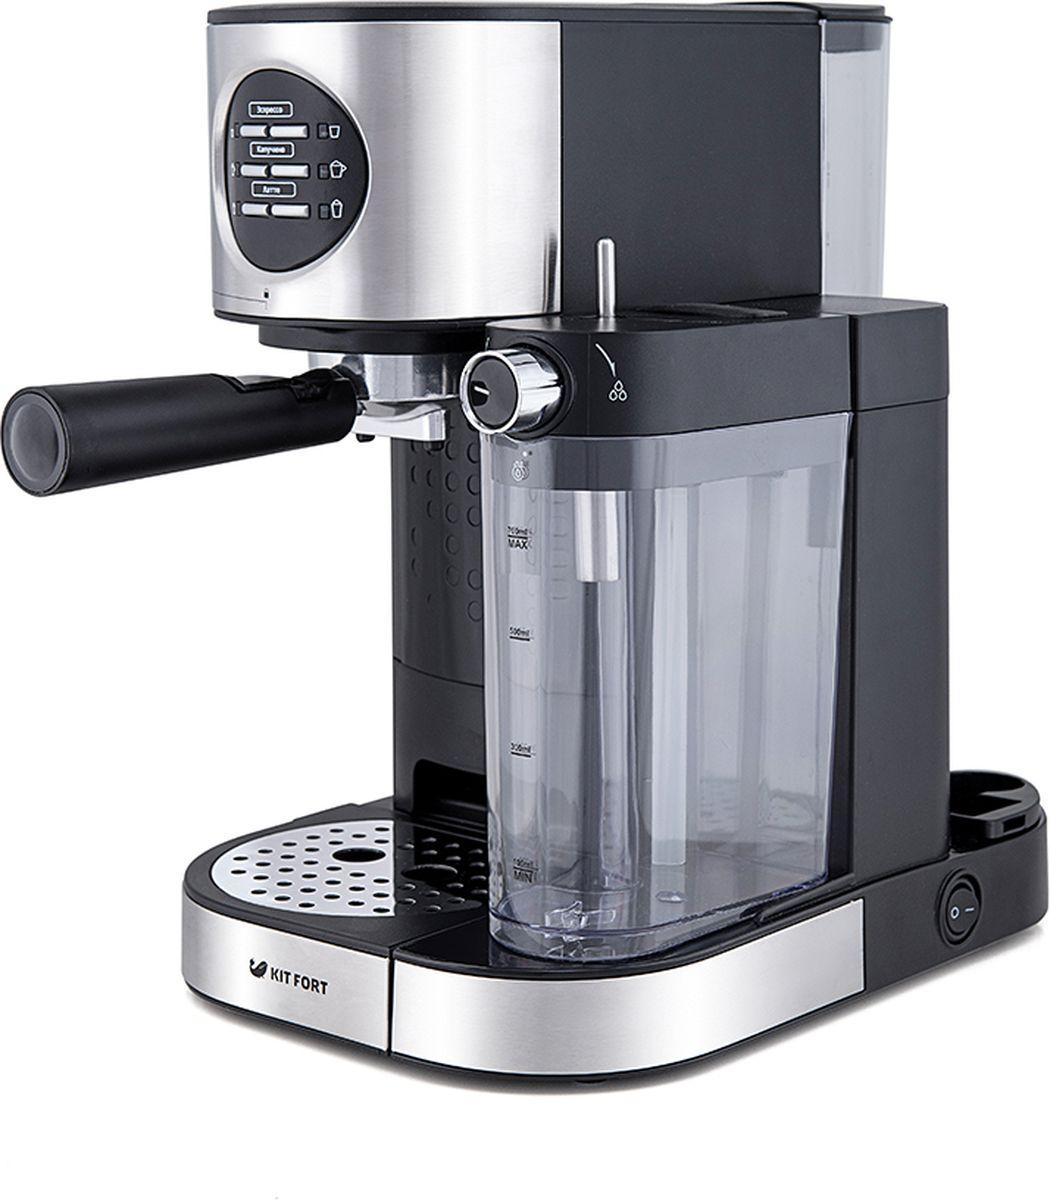 Kitfort КТ-703 кофеварка - Кофеварки и кофемашины